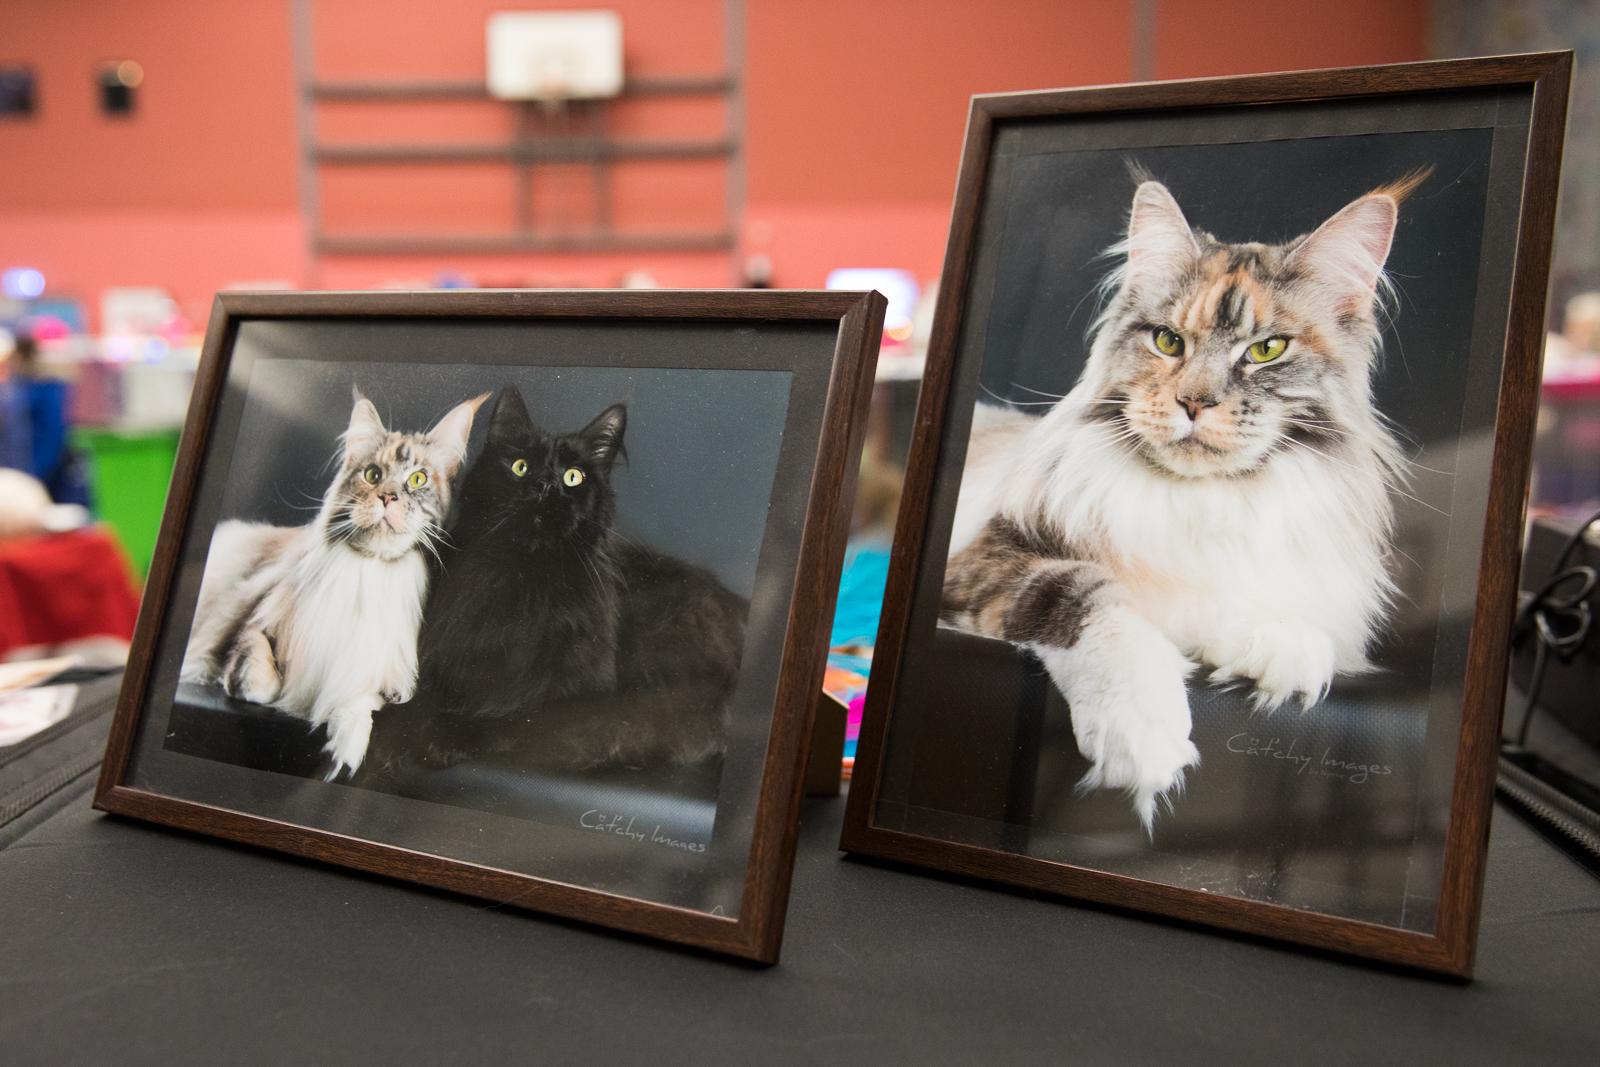 07-Kattenshow hilversum-7893.jpg